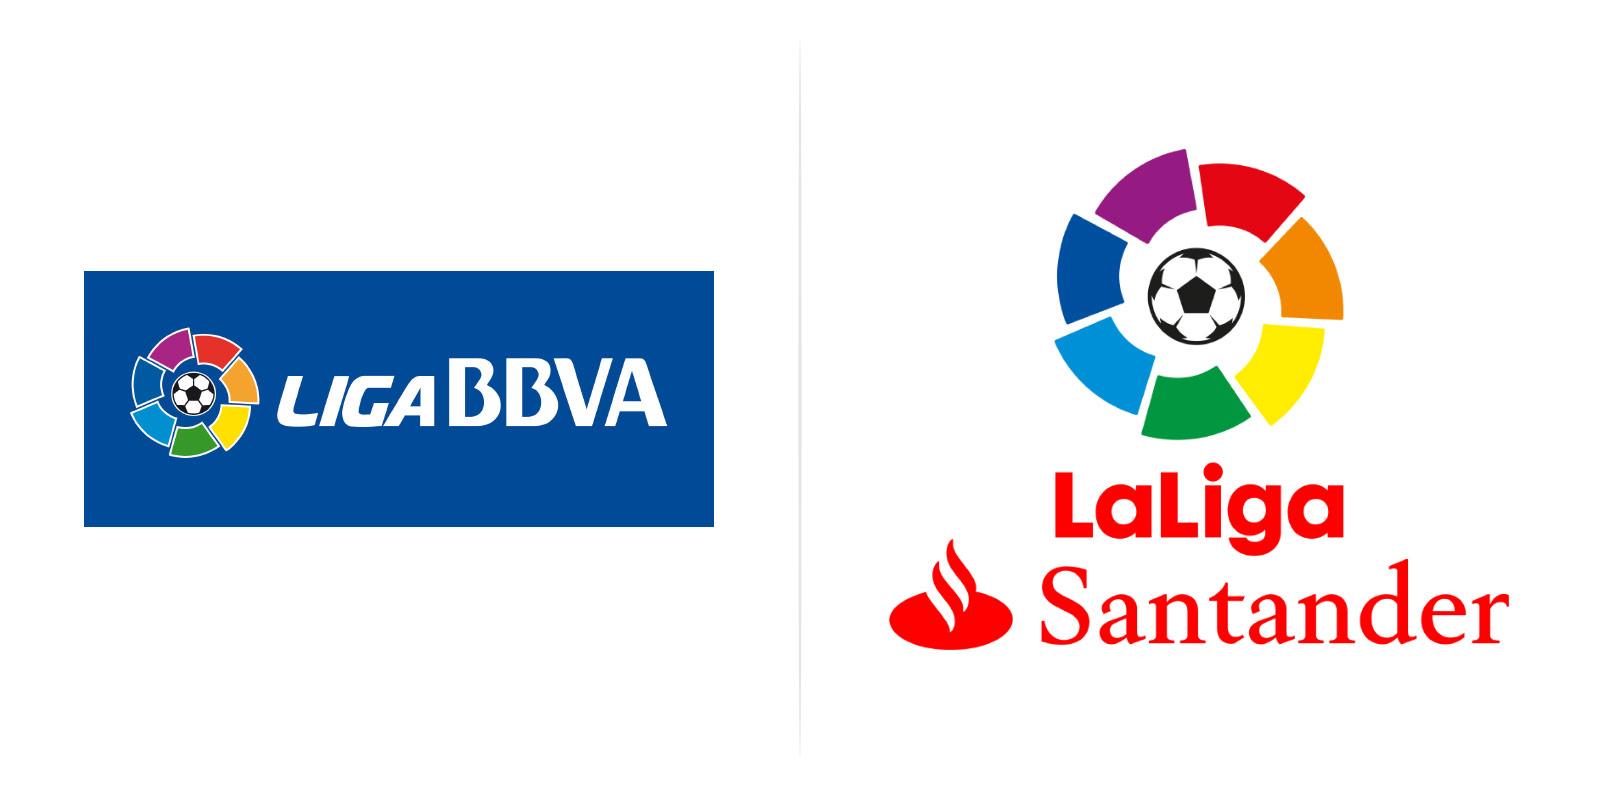 La Liga: Liga Santander Logos